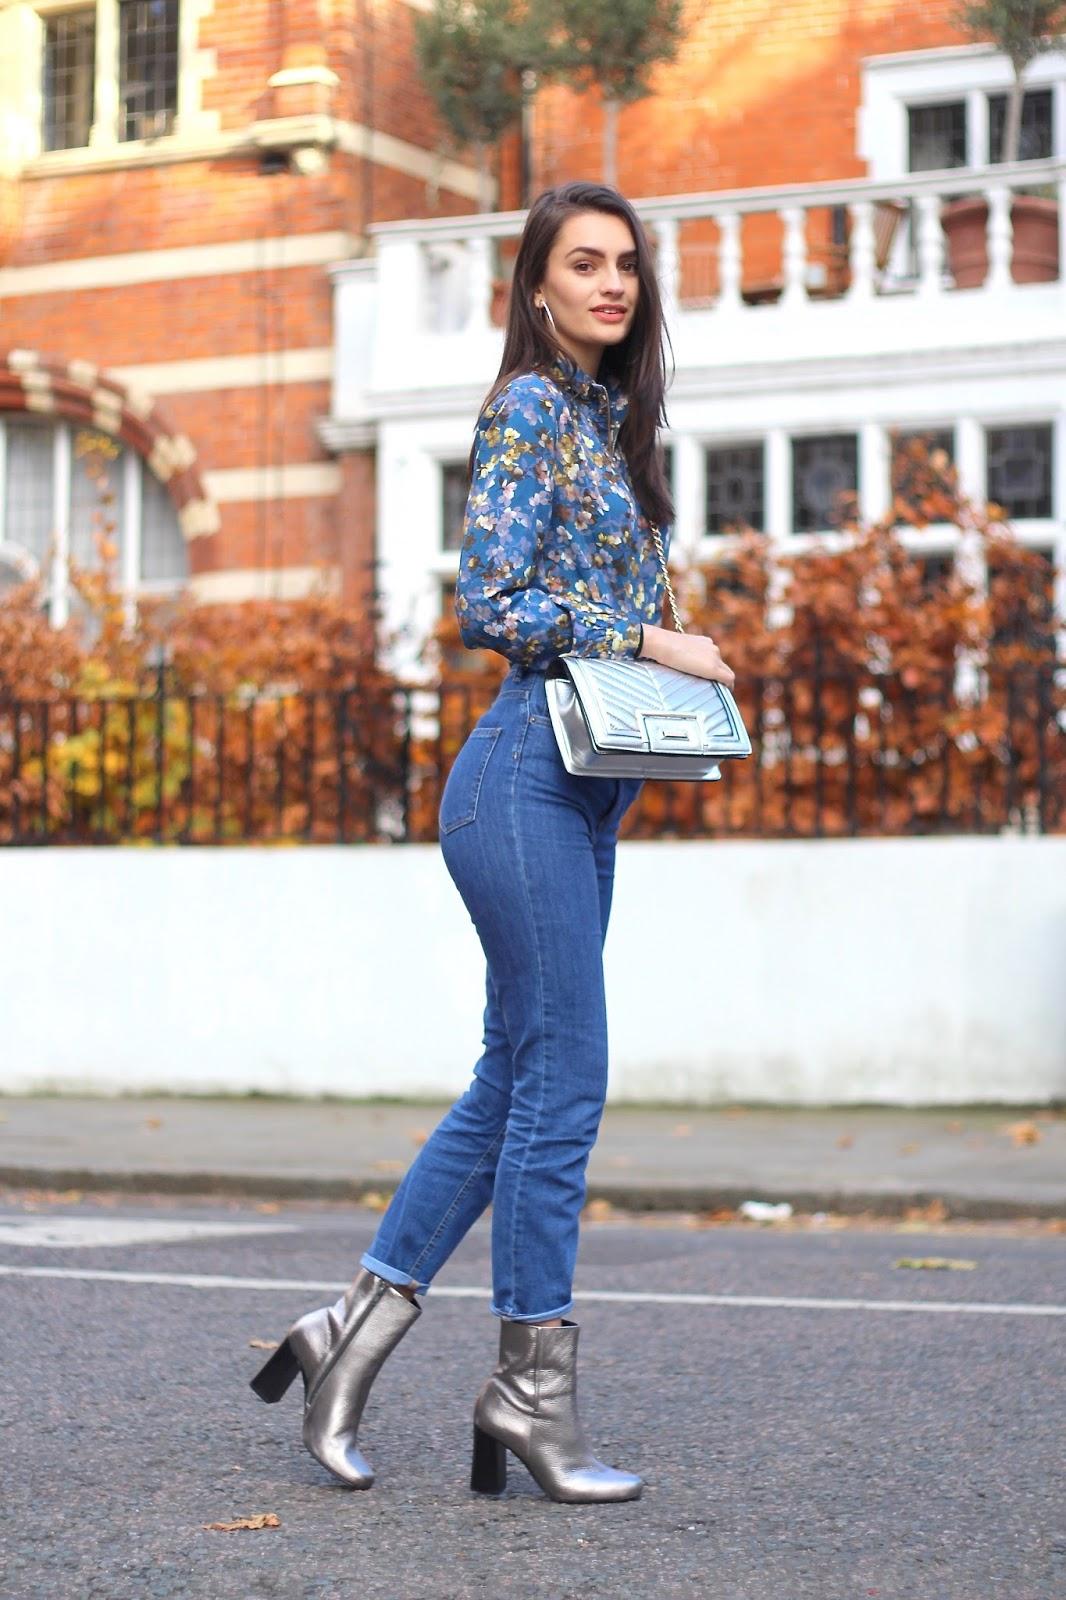 peexo fashion blogger street style metallics silver